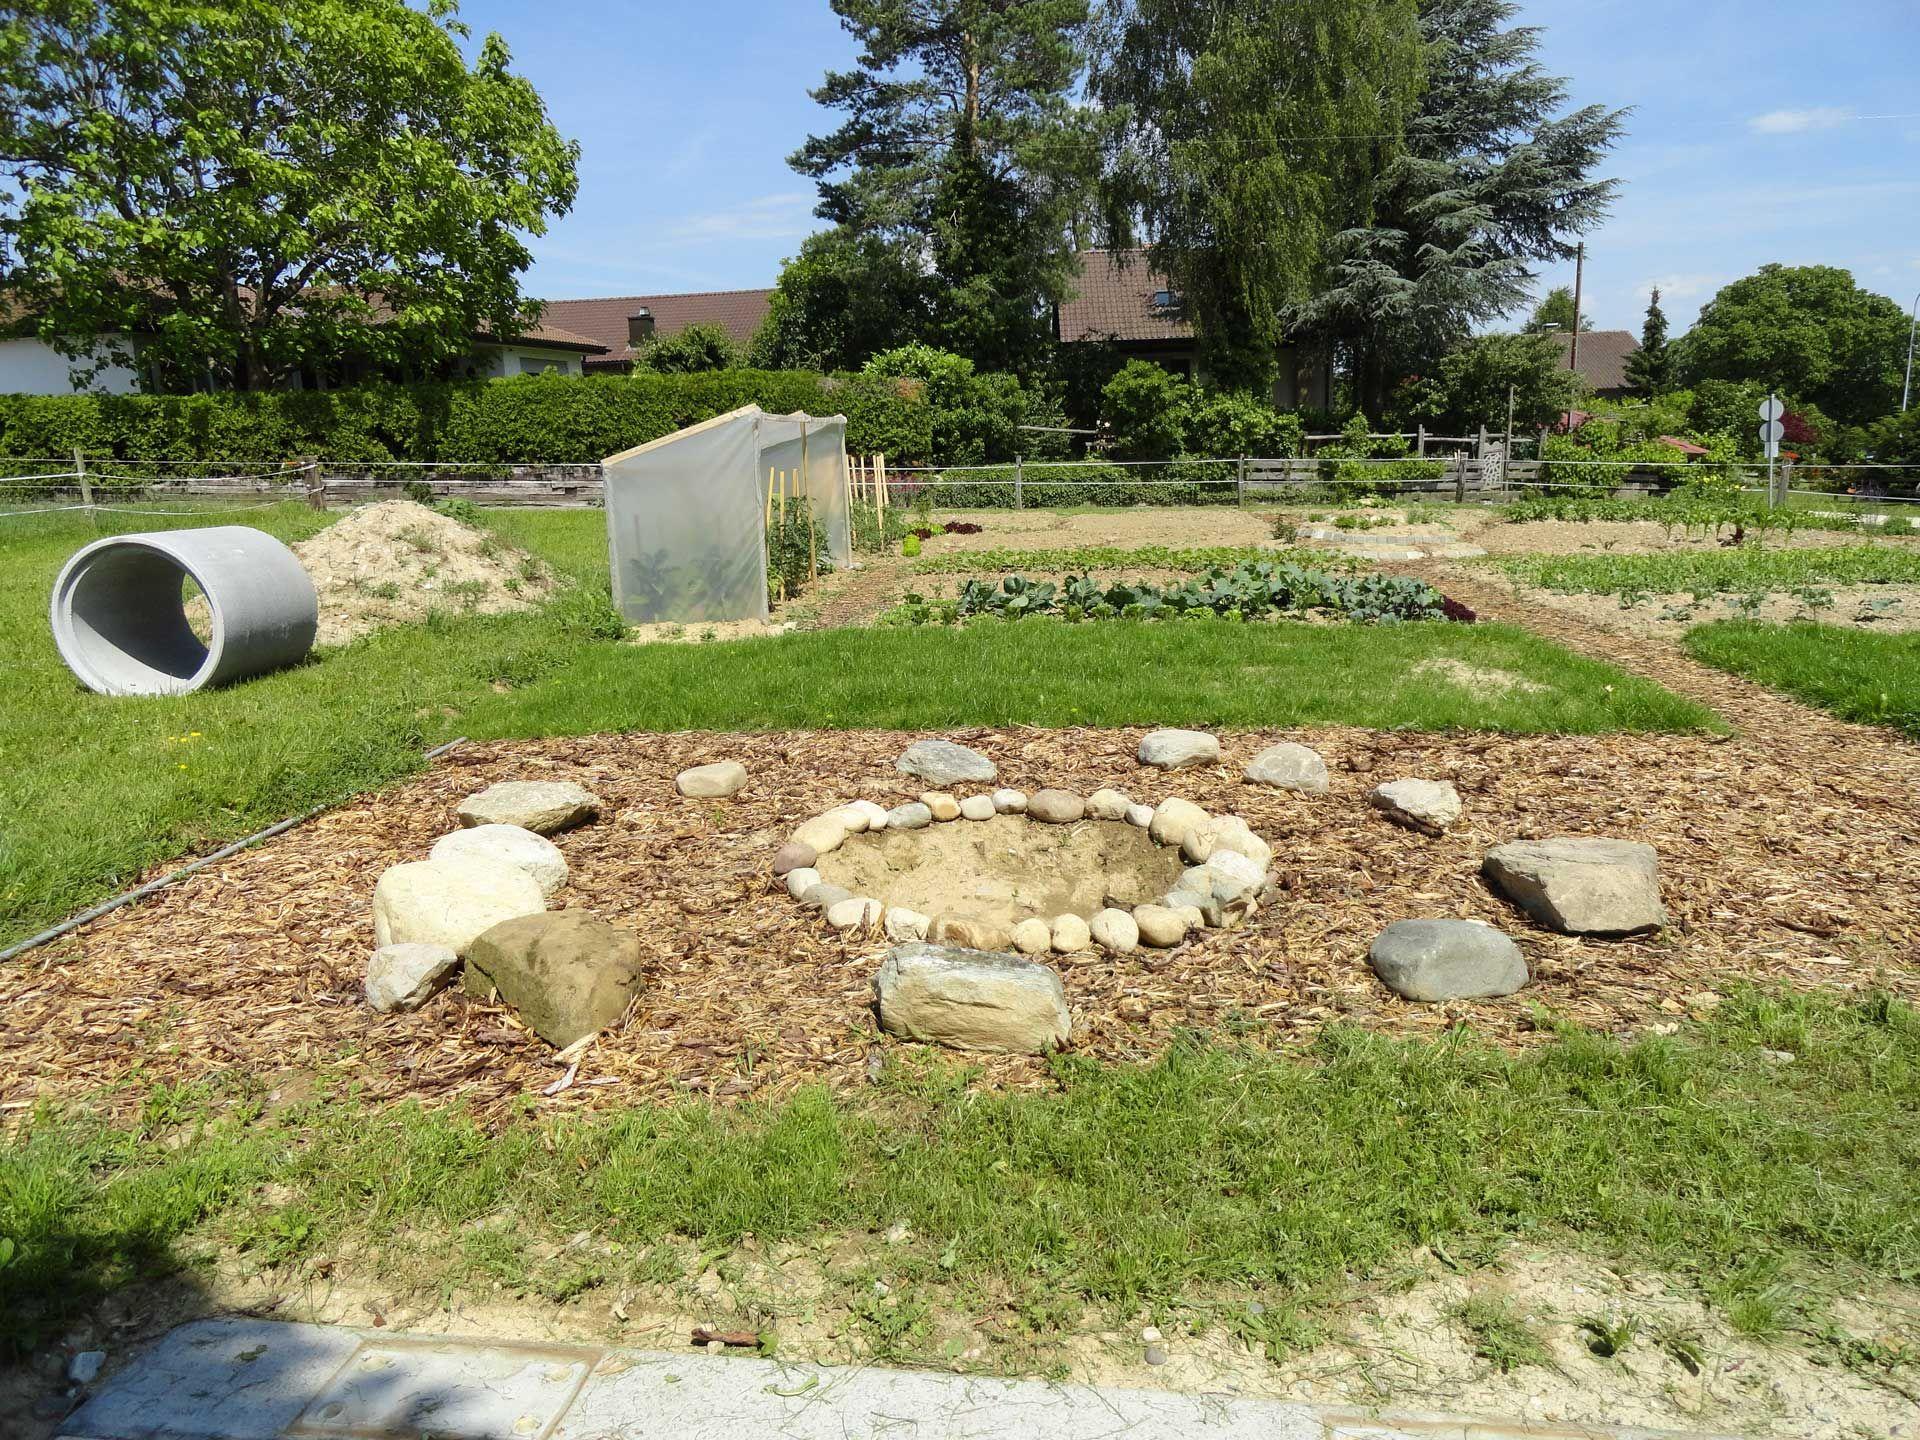 Gemuse Garten Kita Pinoccio Ch Muntschemier Kerzers Ins Hausbauen Gartengestaltungideen Dekoherbst Innererfriedenzitate Outdoor Outdoor Decor Decor